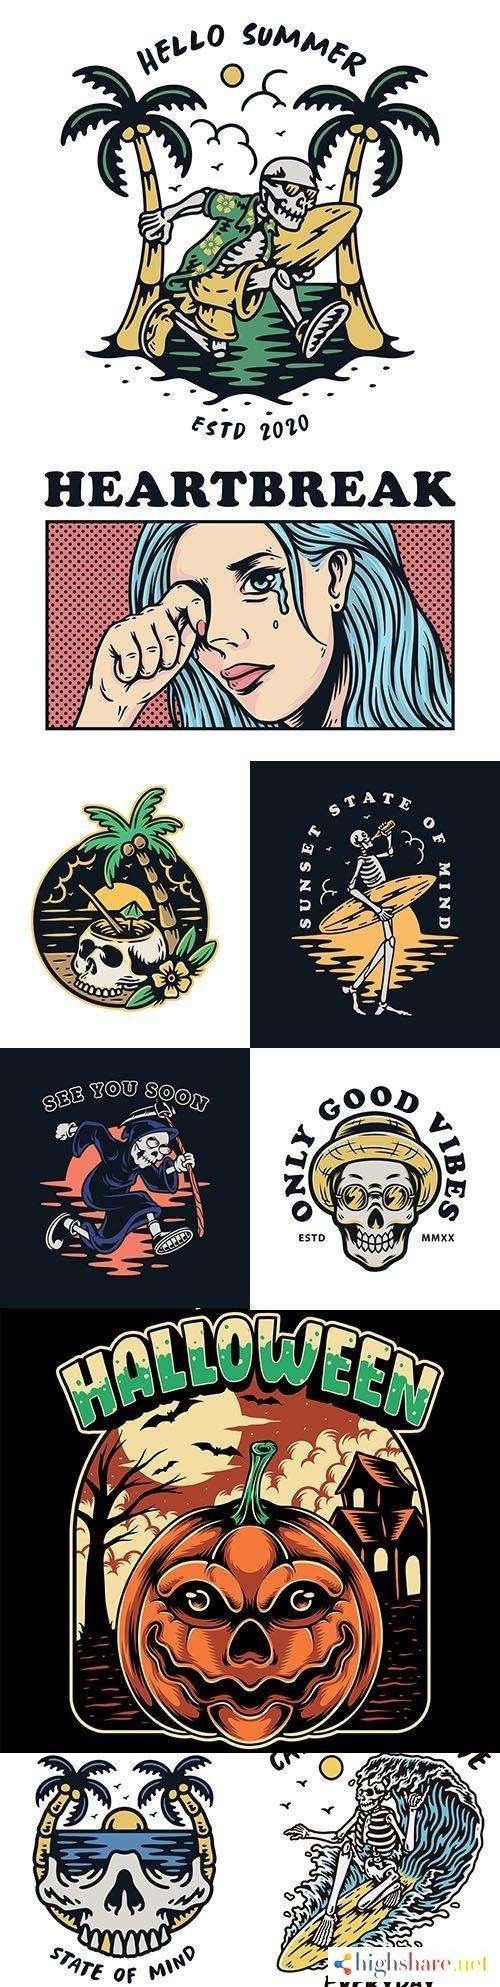 skull premium illustration vintage design emblems 5f4e2dc196476 - Skull premium illustration vintage design emblems